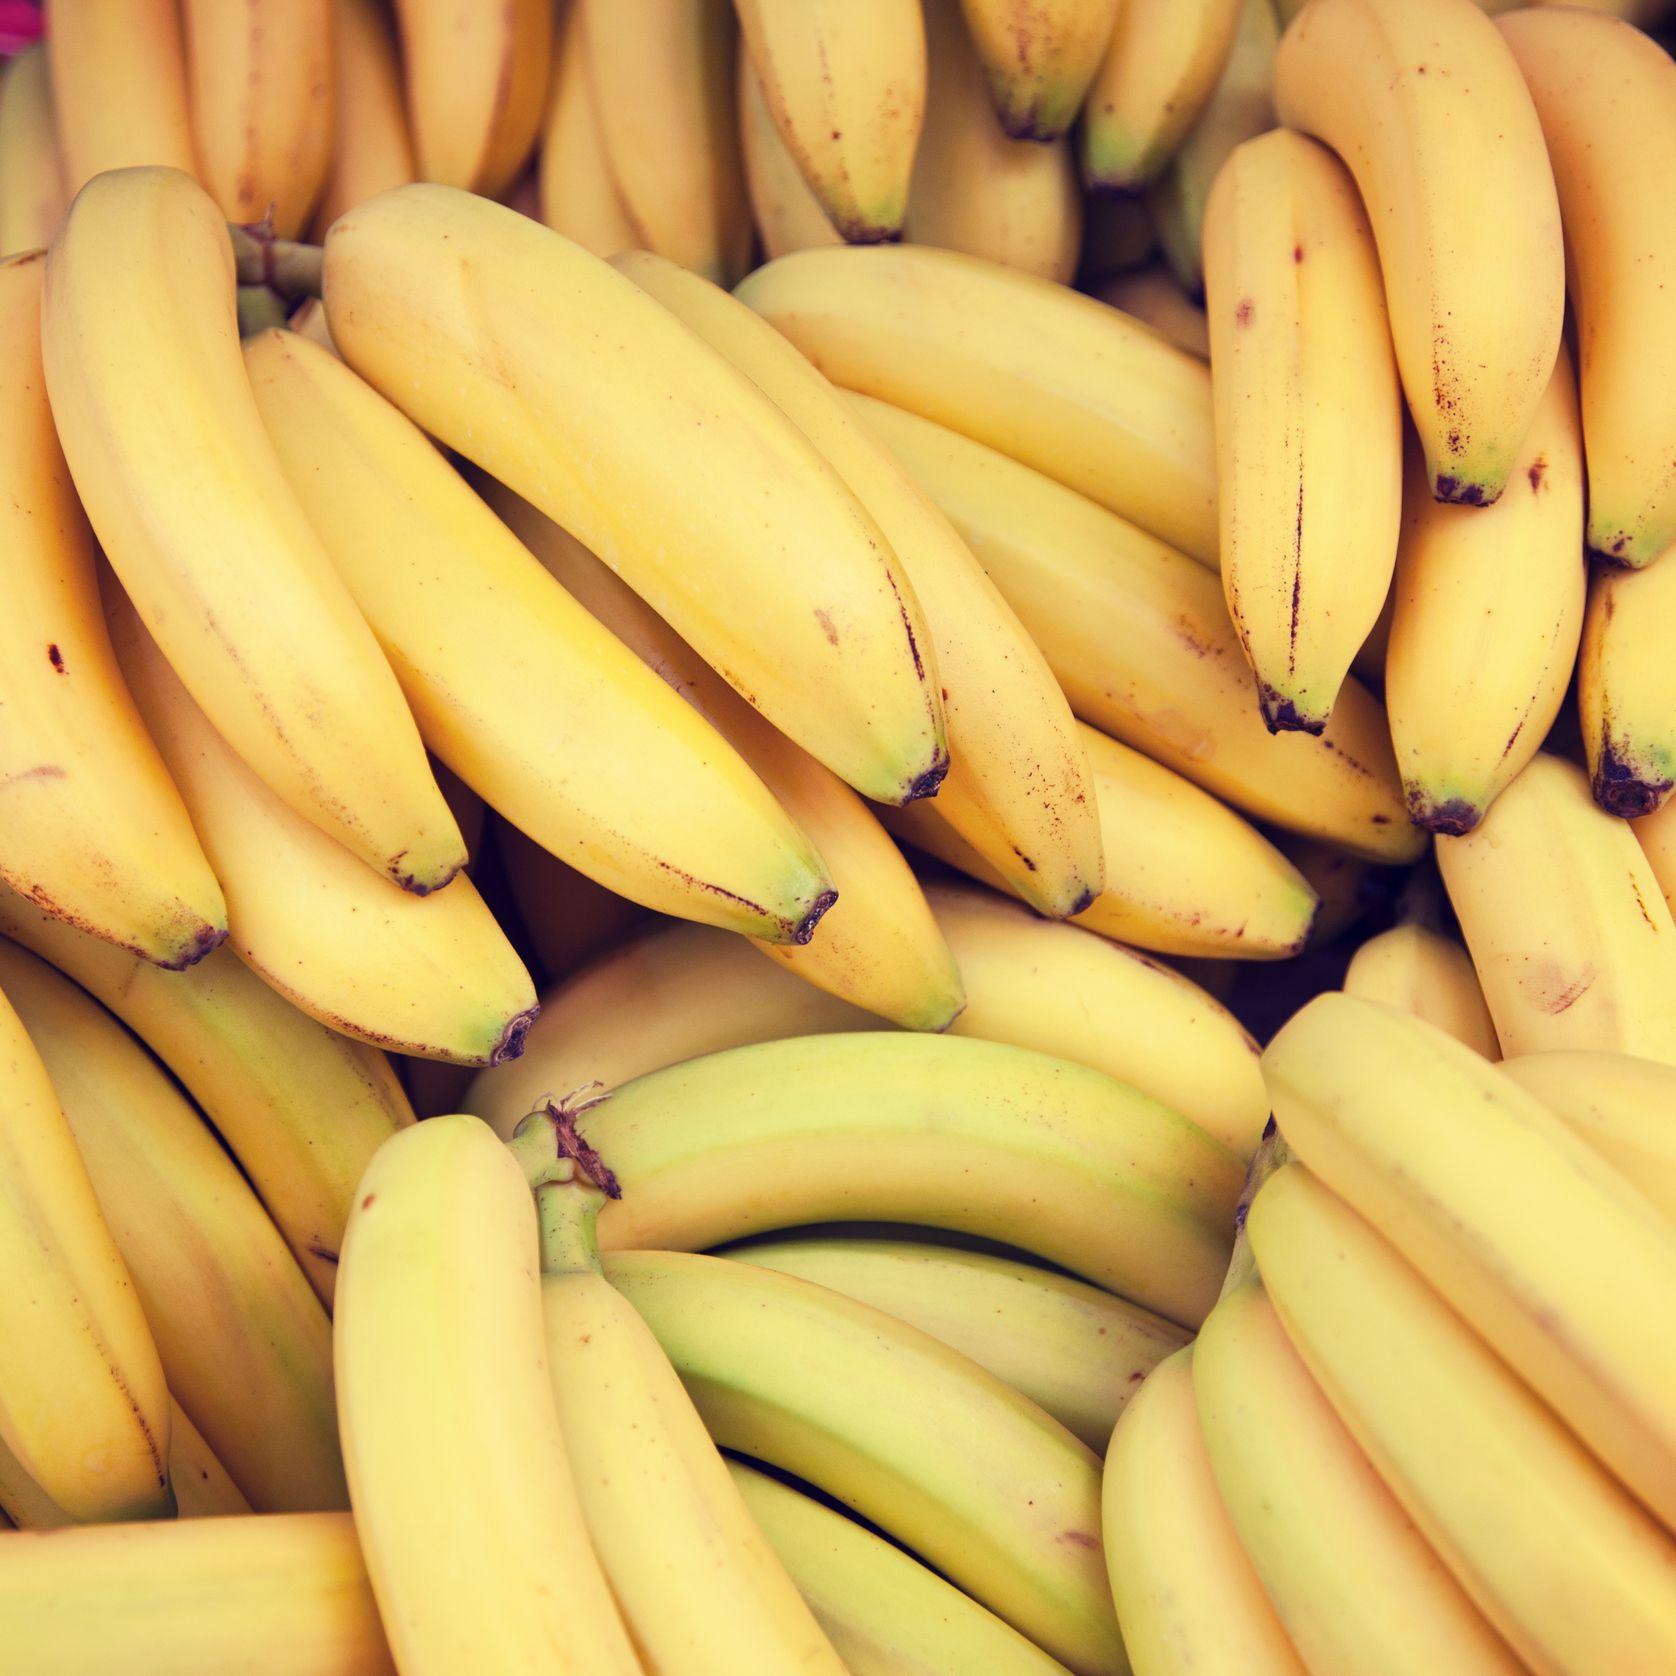 Full Frame Shot Of Bananas For Sale In Market